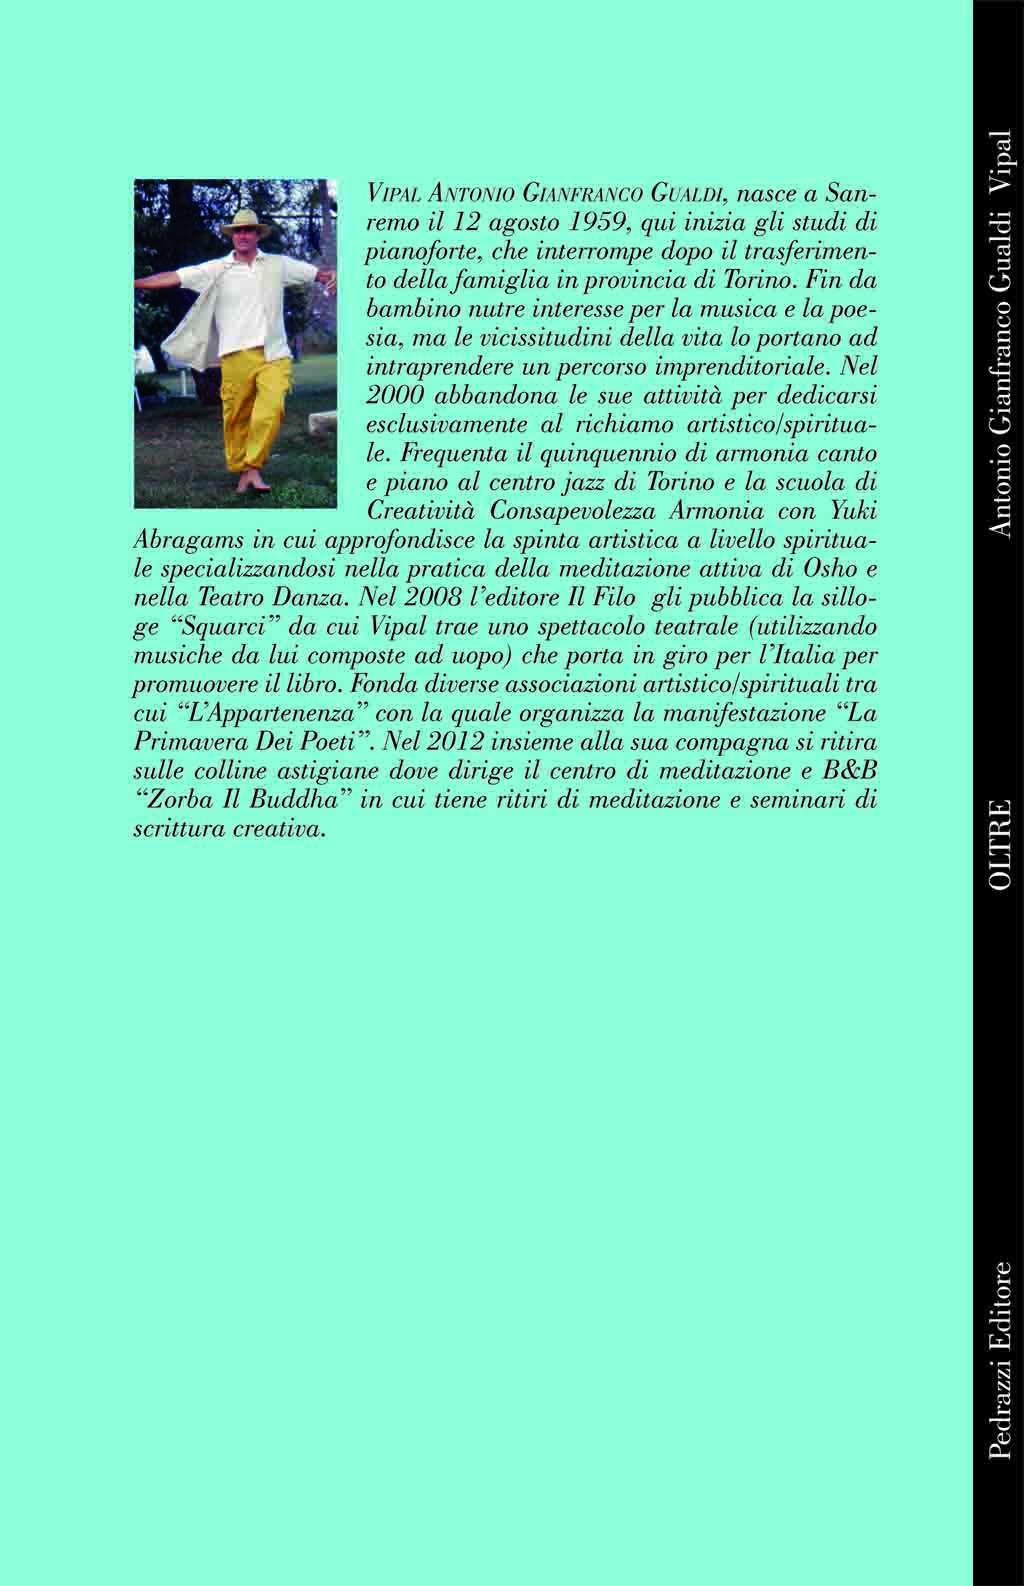 Retro copertina libro poesie Oltre collana Unicorni editore Pedrazzi autore Vipal Antonio Gianfranco Gualdi